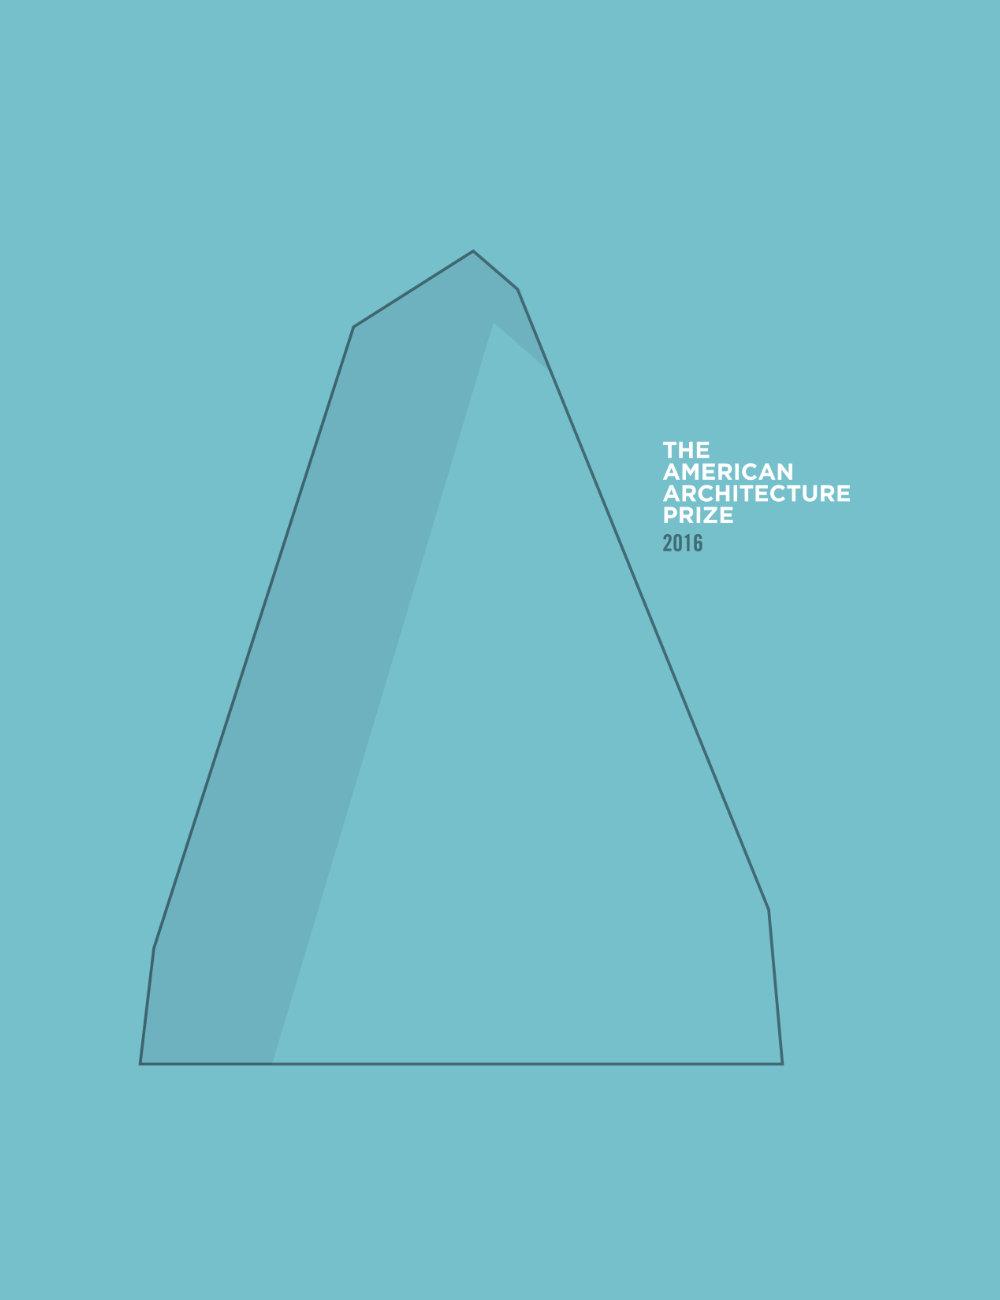 the-american-architecture-prize-2016-book-destaque